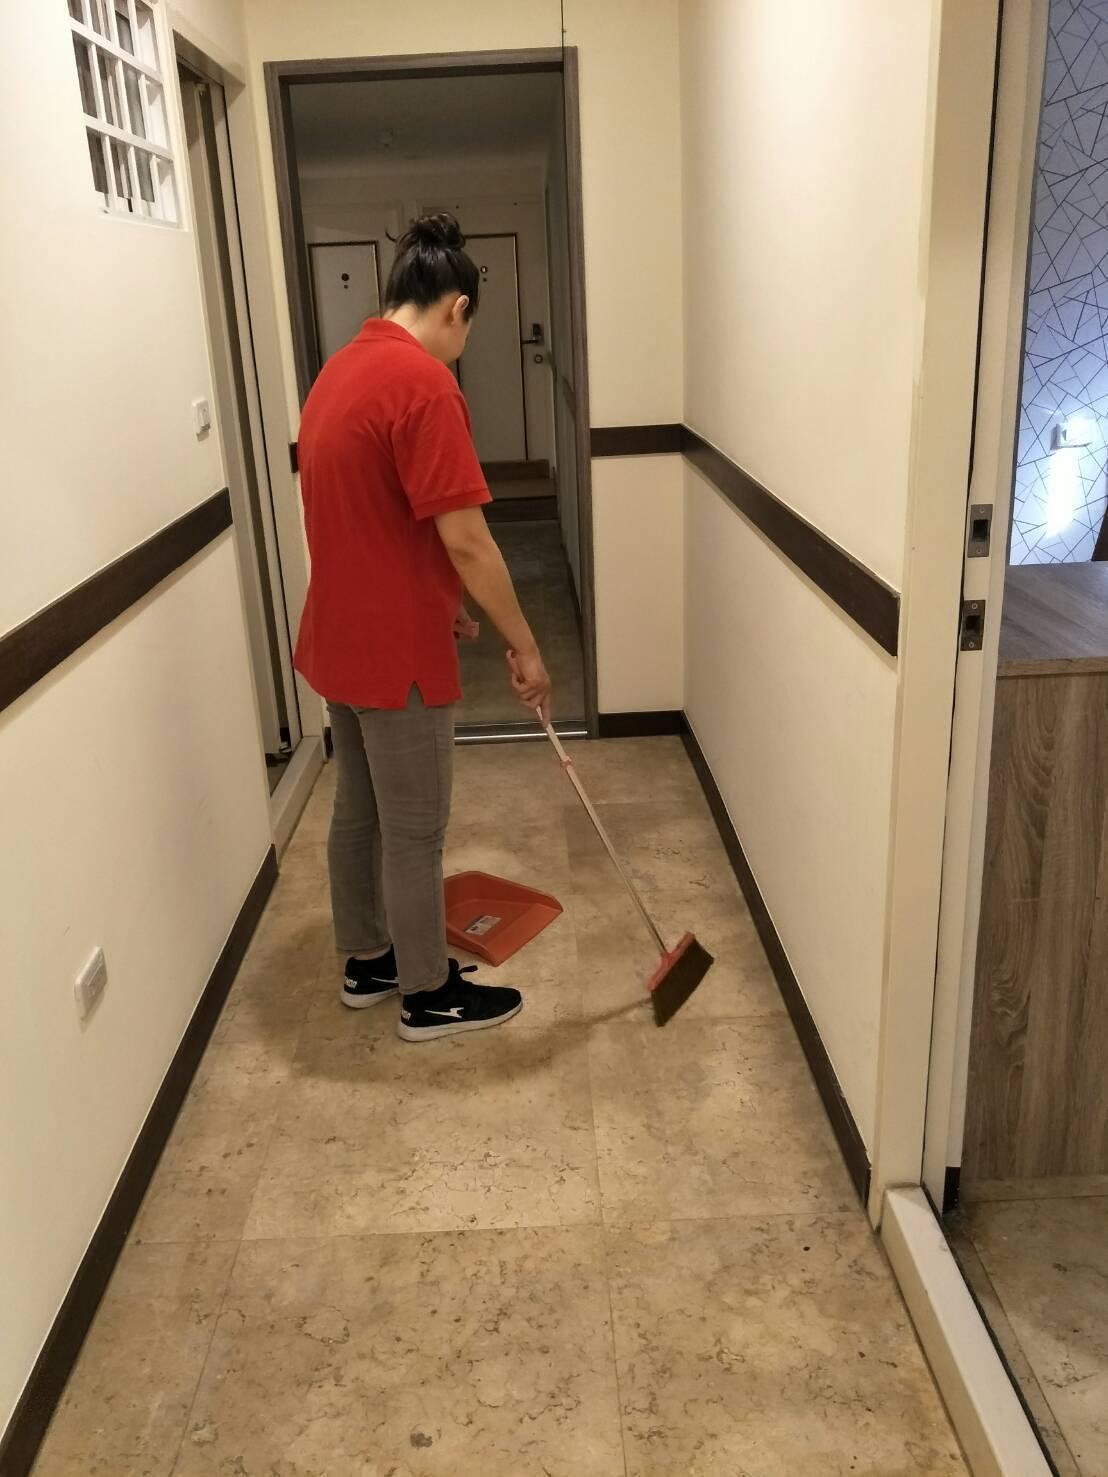 新住民媽媽阿梨在高市就服站個管員協助下,順利找到旅館清潔員工作,紓解家庭經濟困境...